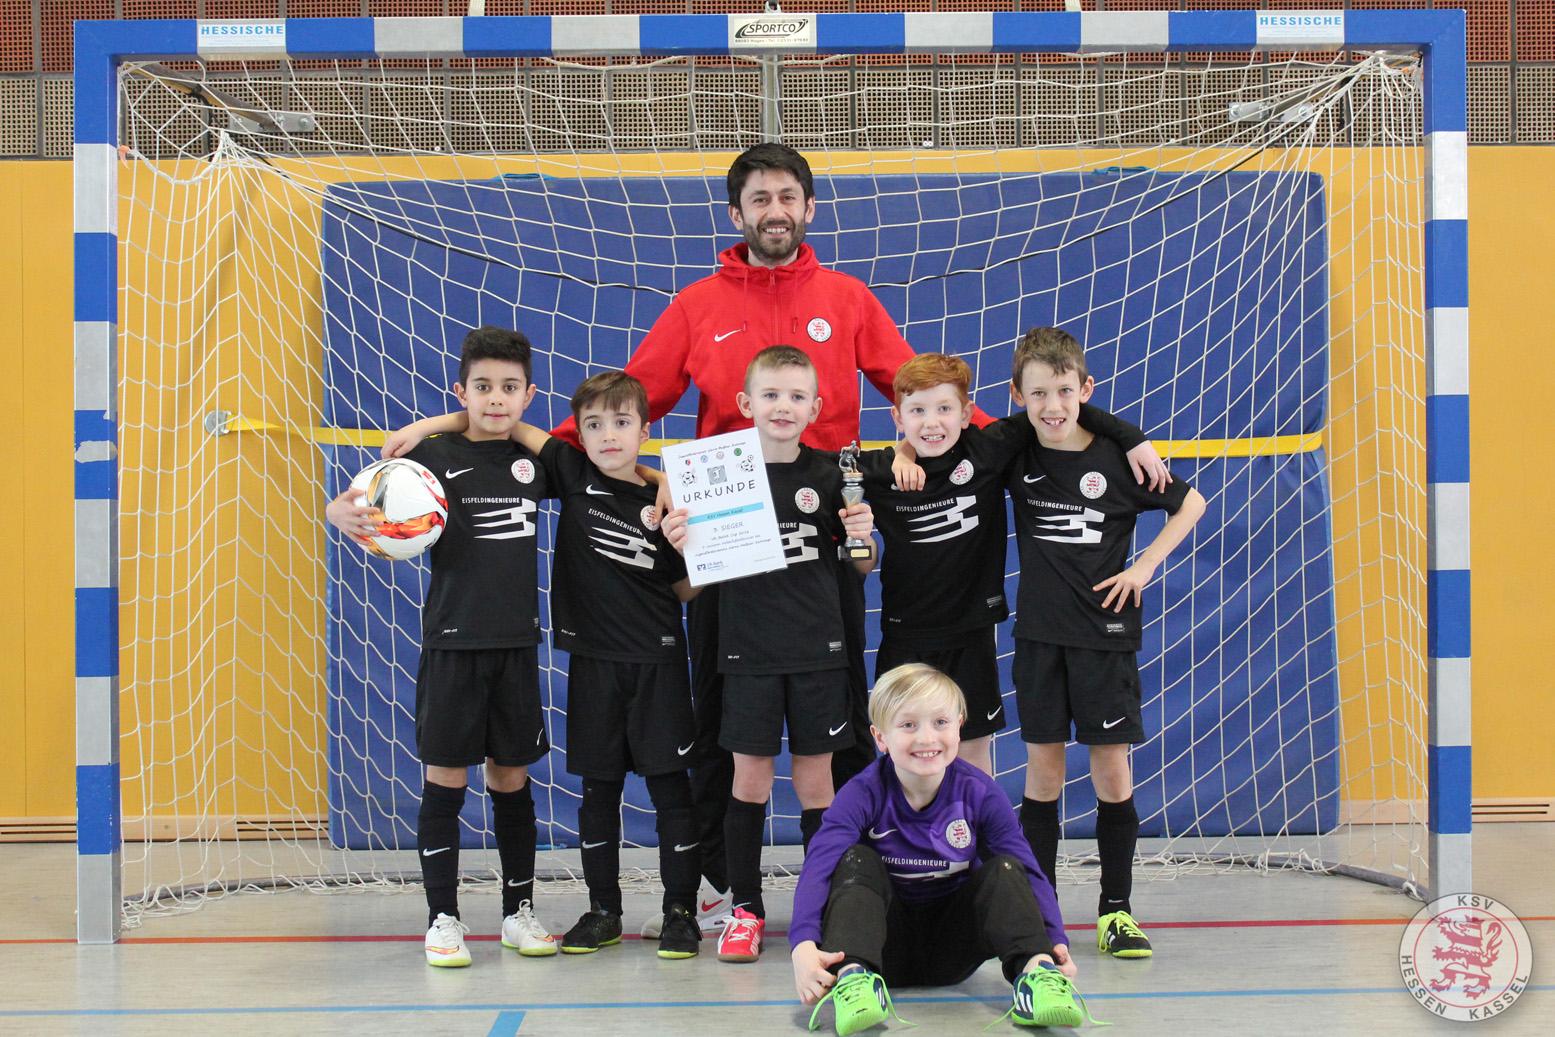 U9 VR-Bank Cup 2016 (JFV Werra-Meissner)